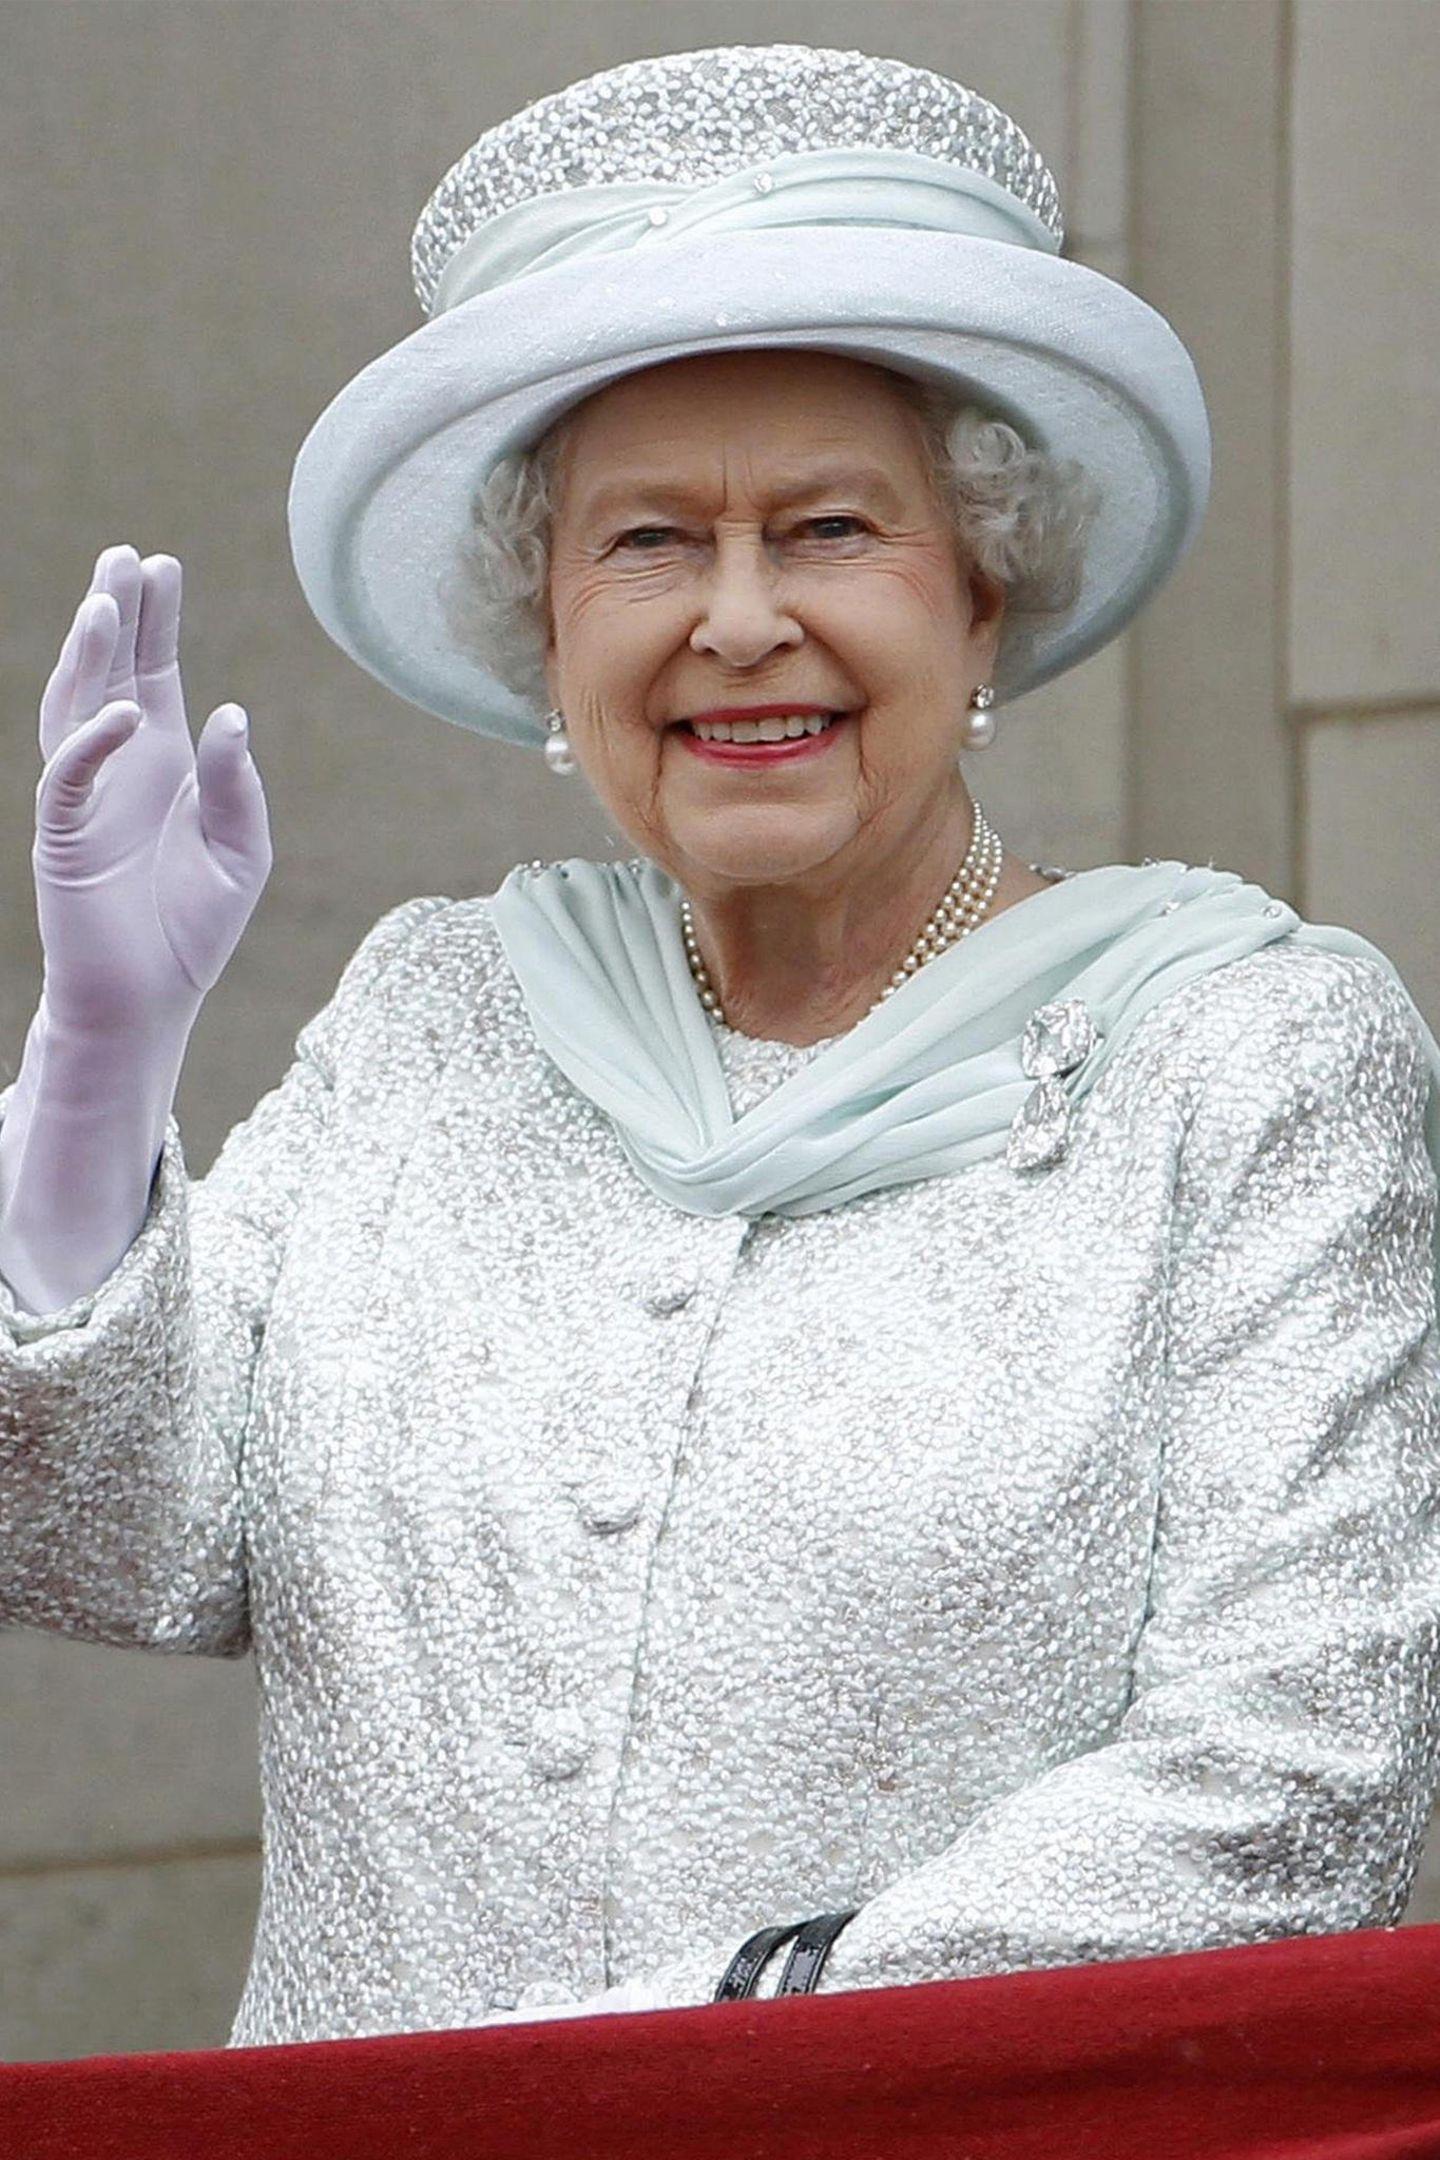 Königin Elizabeth trägt im Alltag zwar öfter Queen Marys Knopf-Ohrringe mit kleinerem Diamanten, die Perl-und Diamant-Ohrringe der Ladies von Devonshire gehören aber auch zu ihren Lieblingsstücken aus der königlichen Schatzkammer. Und dass Catherine sich diese Ohrringe für diesen besonderen Moment ausgesucht hat, ist ein kleiner, aber sehr wertvoller Gruß an die Queen.